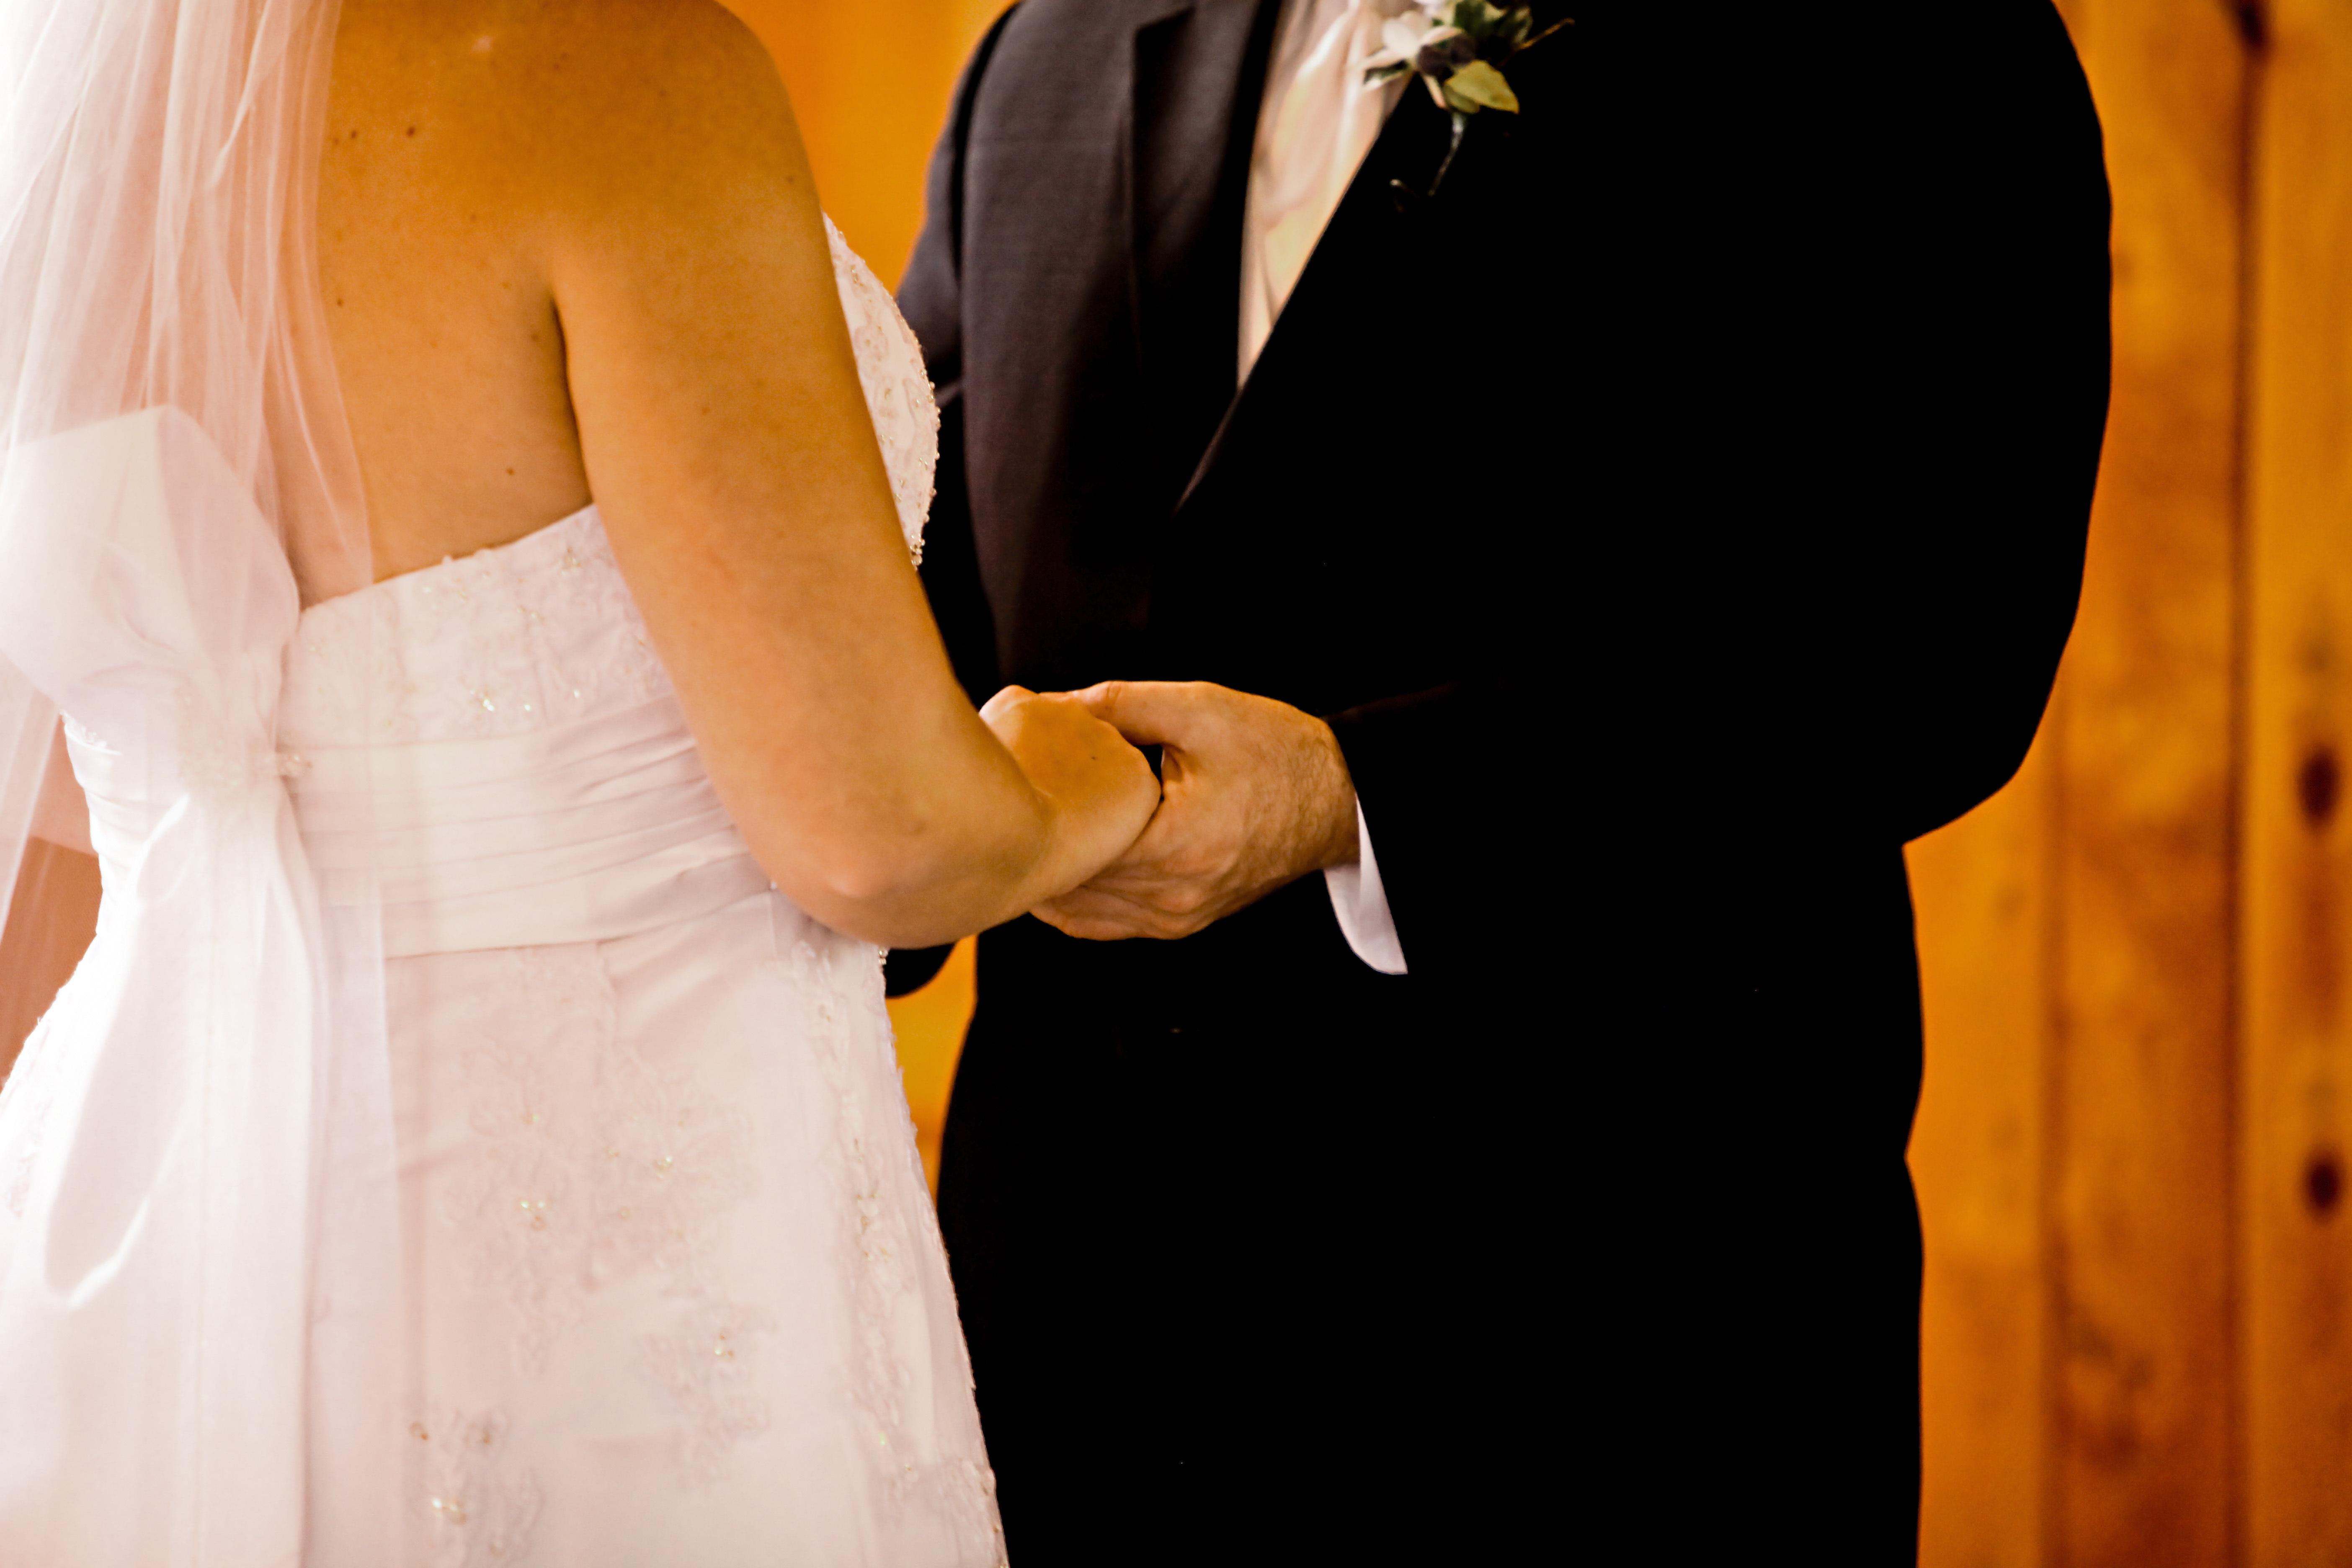 Aşk-İlişkiler-Evlilik, Kadınlar-Erkekler